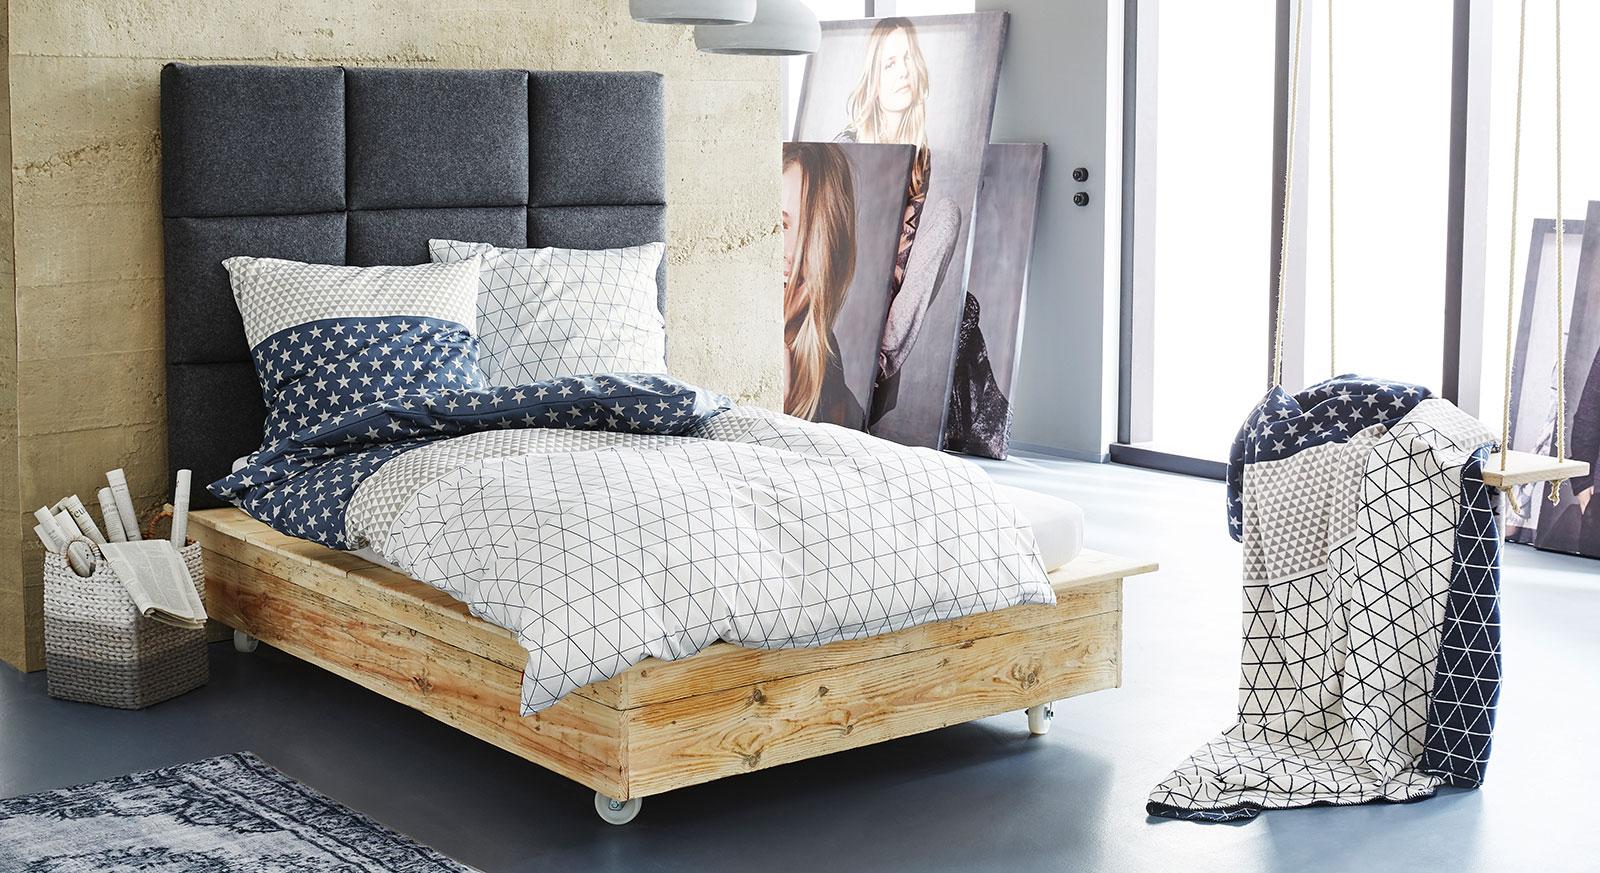 Bettwäsche s.Oliver Muster weiß-blau mit Kuscheldecke